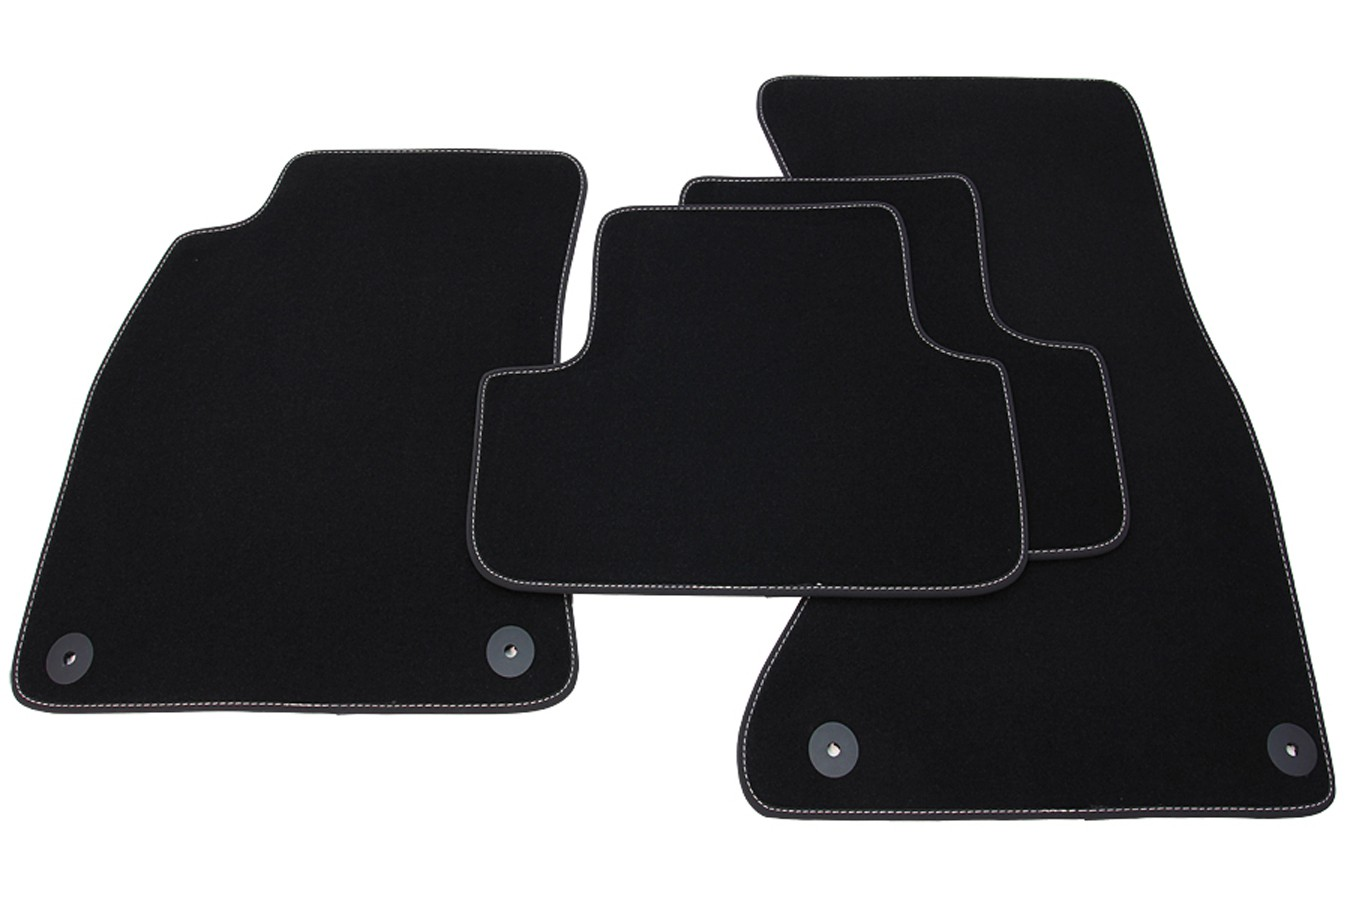 tapis de sol en hiver pour audi a5 coup cabriolet ann e 2007 tapis de voiture pour audi tapis. Black Bedroom Furniture Sets. Home Design Ideas